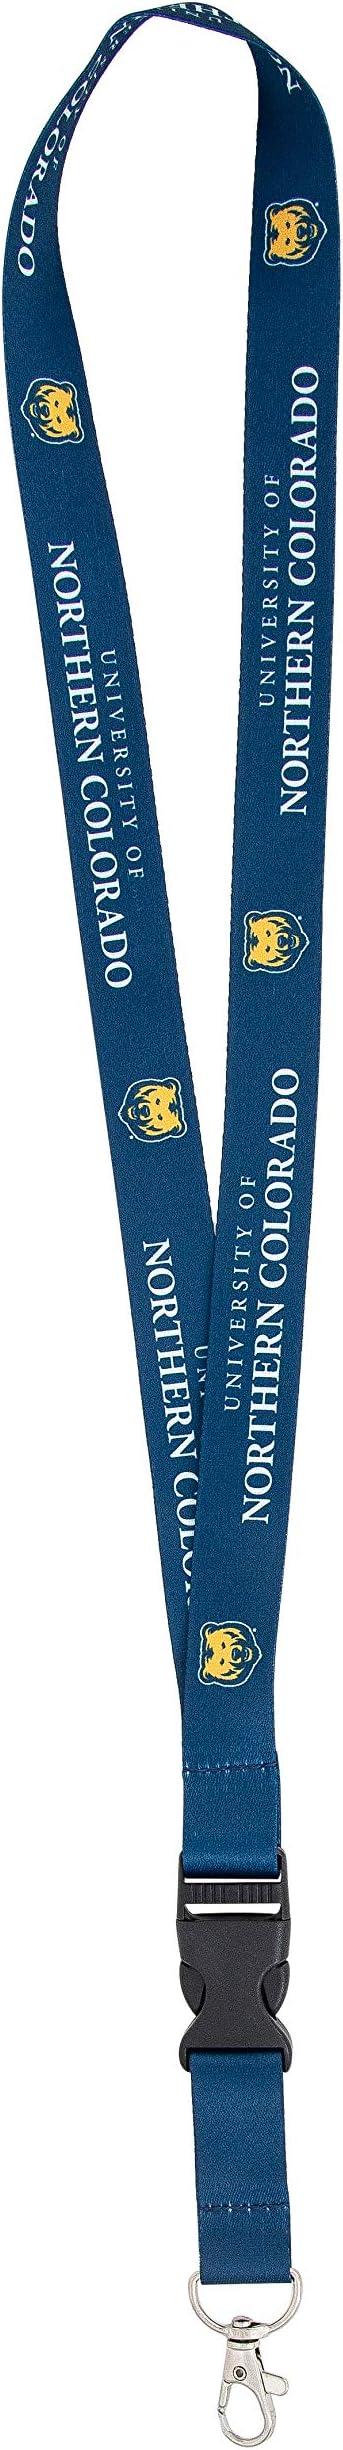 Liberty University Flames NCAA Car Keys ID Badge Holder Lanyard Keychain Detachable Breakaway Snap Buckle